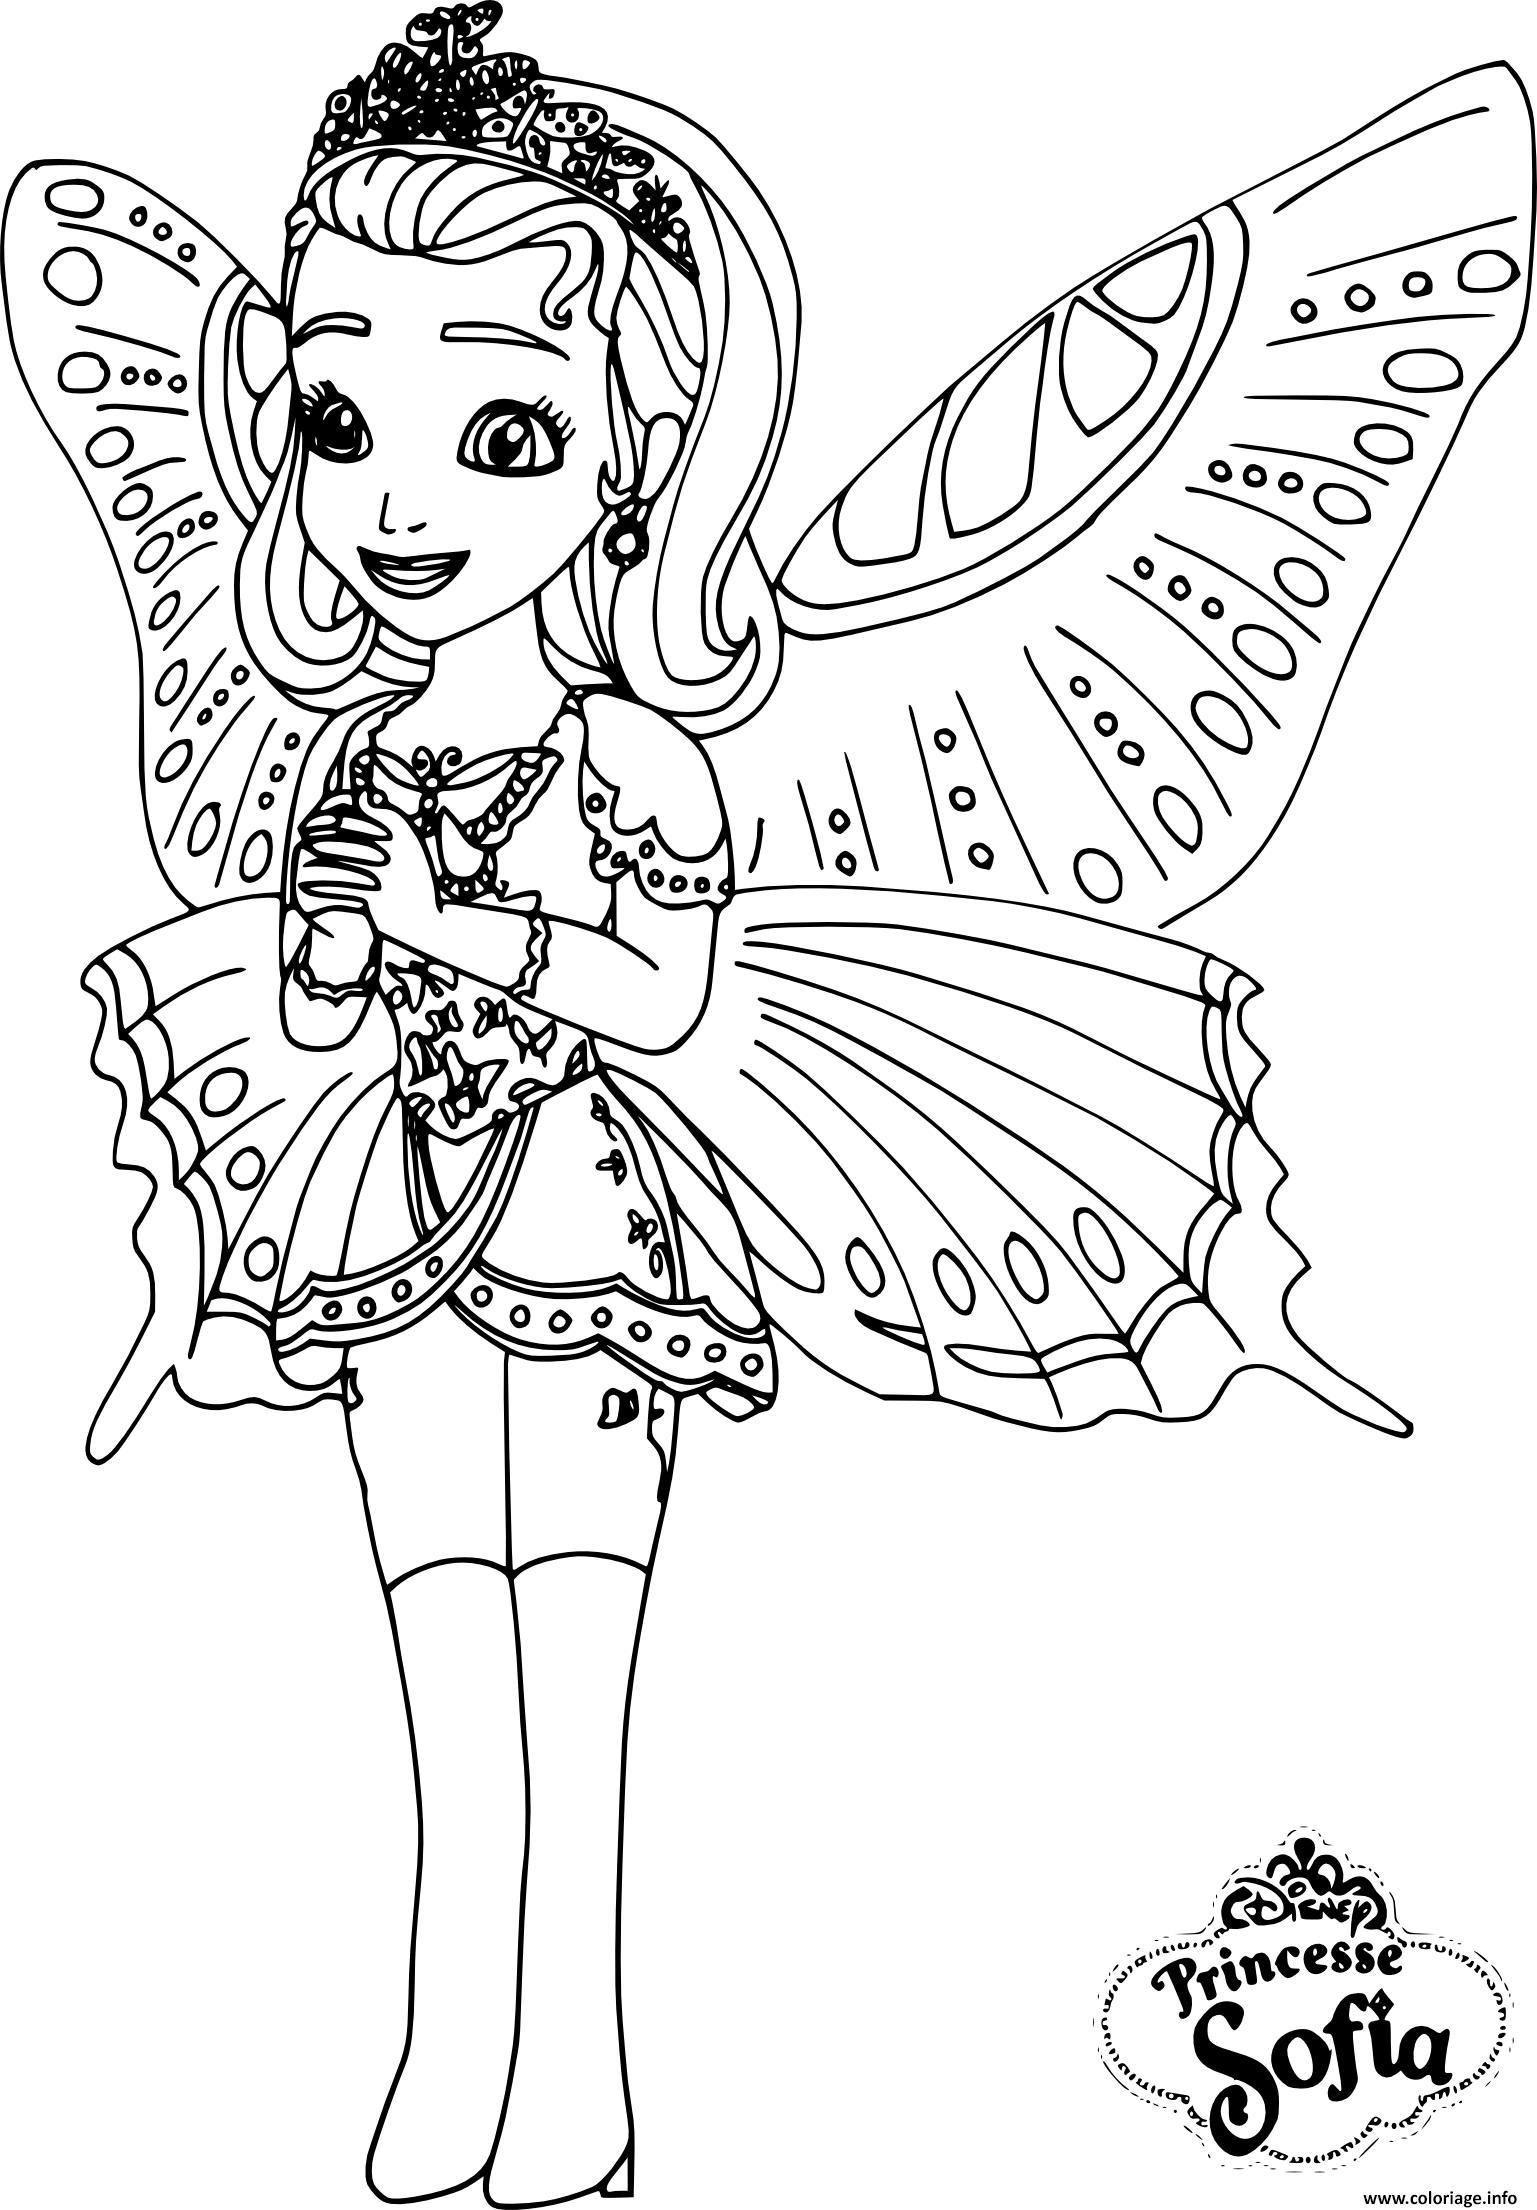 Coloriage princesse sofia papillon dessin - Princesse dessin ...